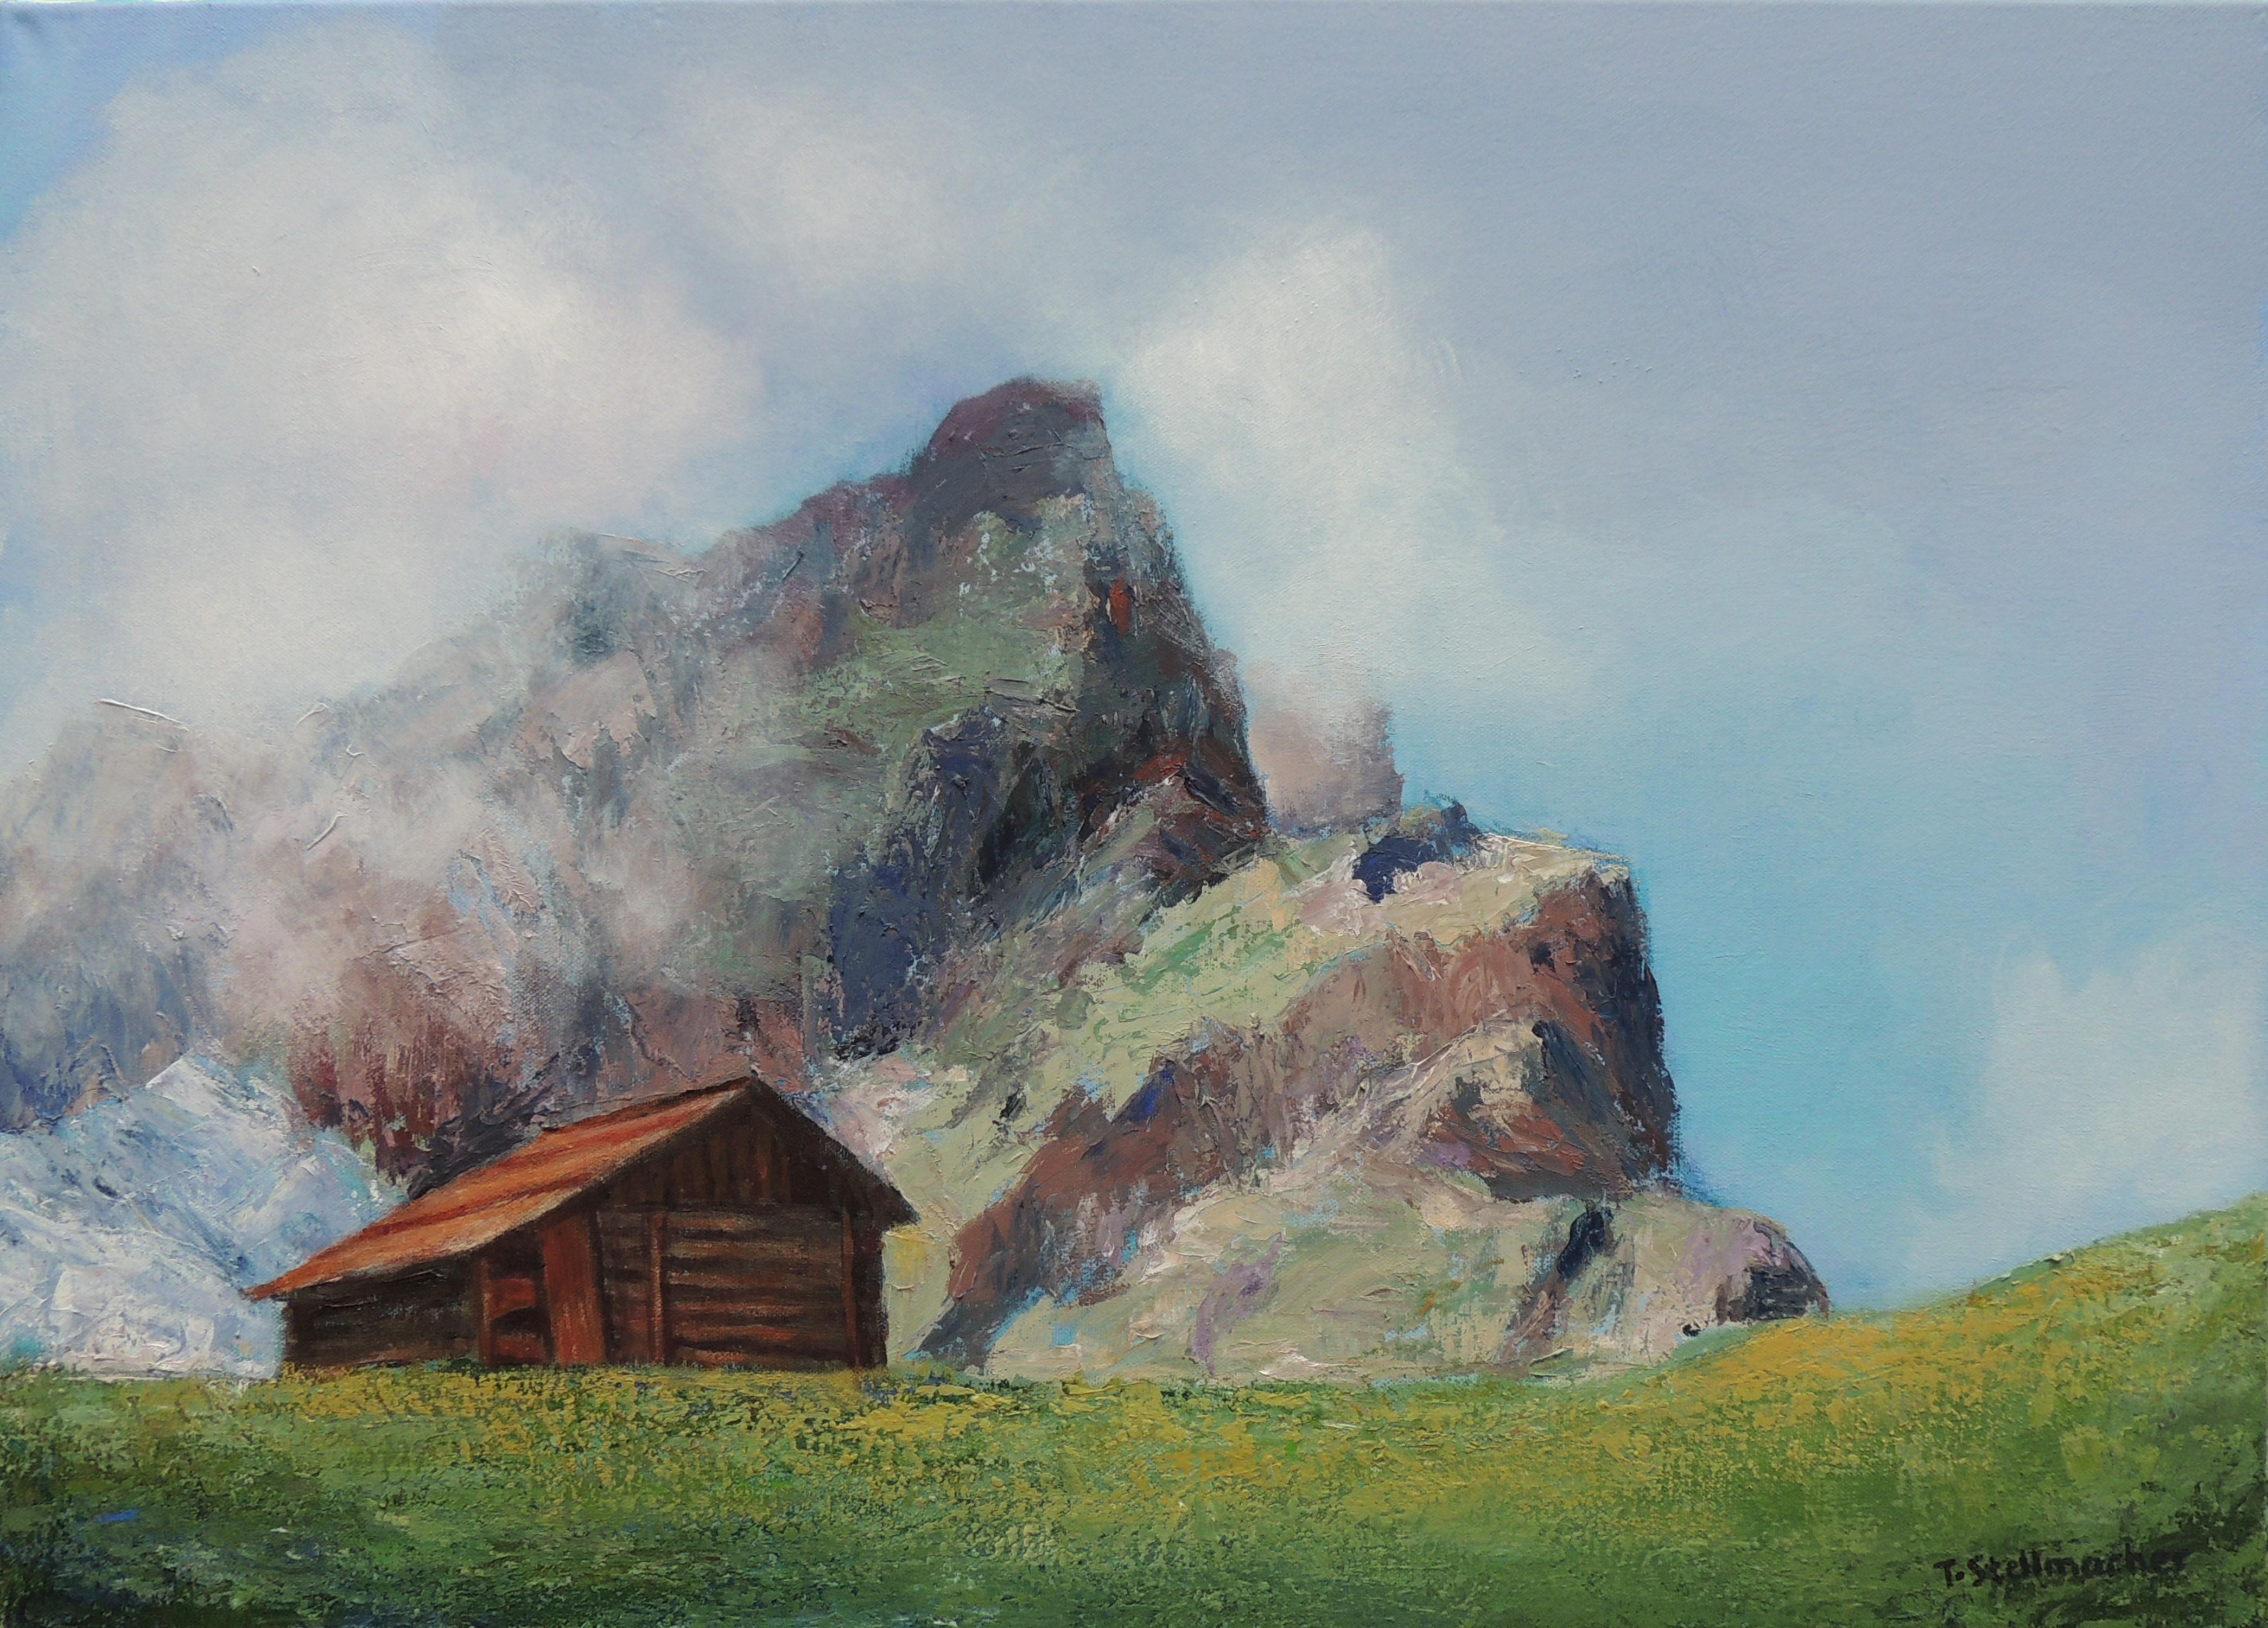 Berghütte im Campilltal, dahinter Geislerspitzen